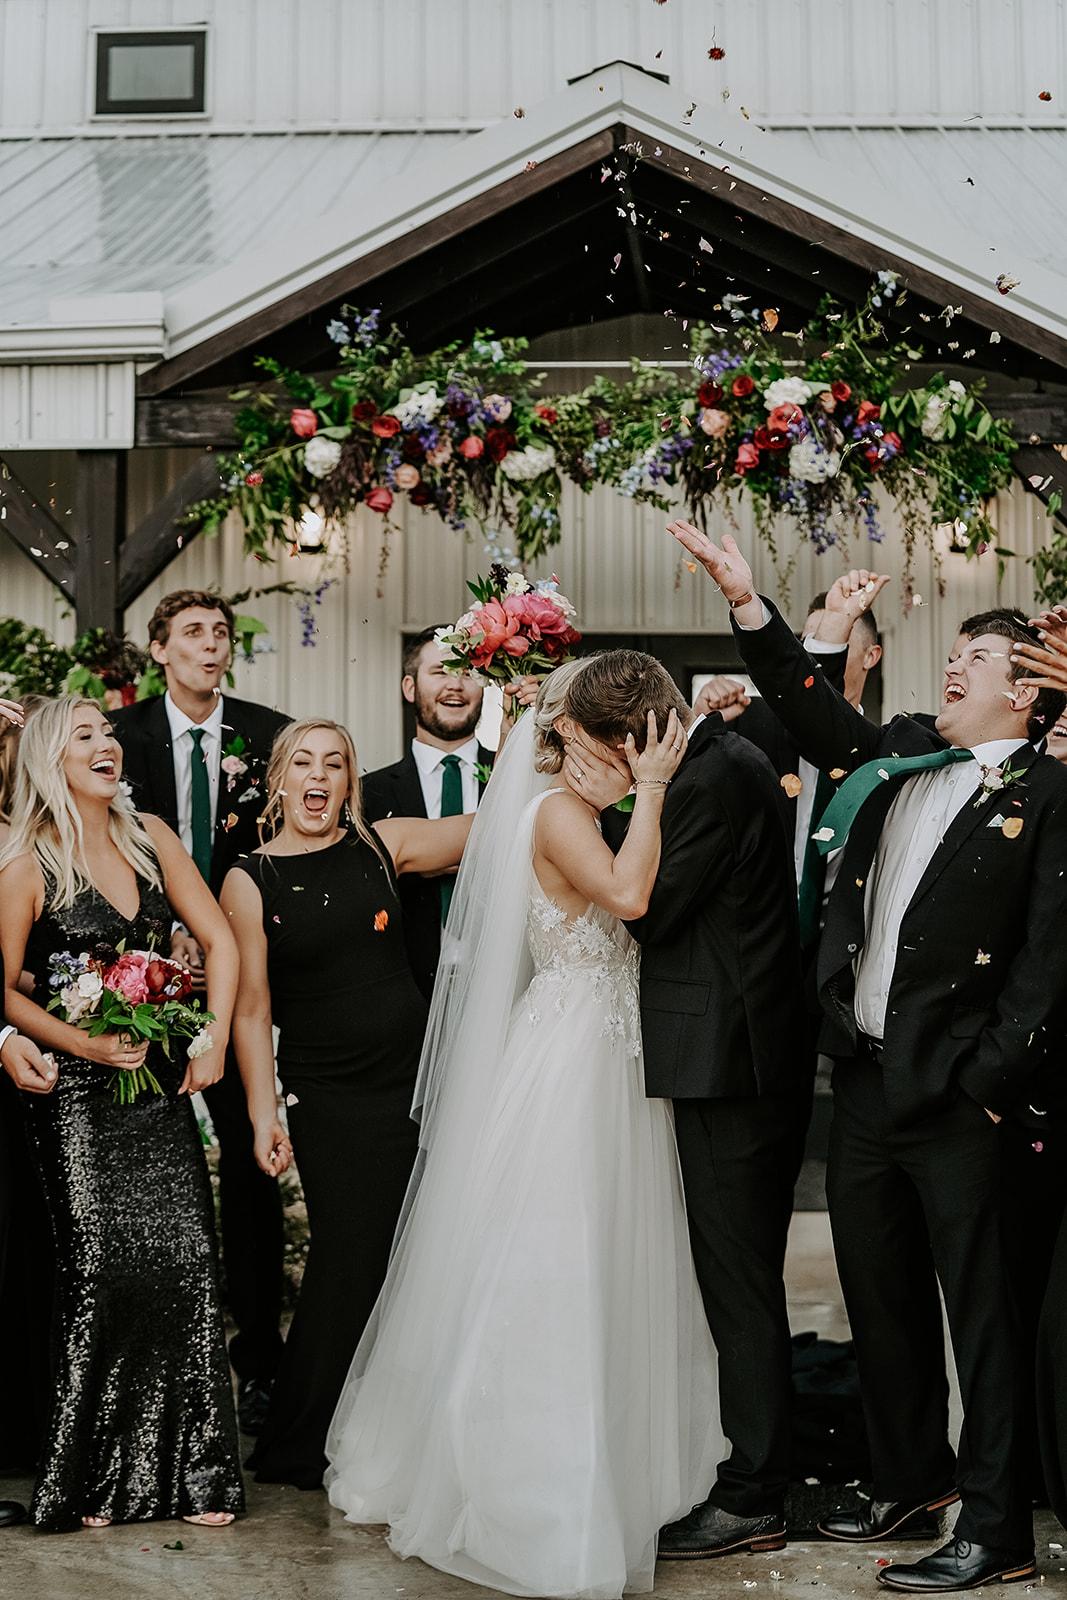 Oklahoma Outdoor Wedding Tulsa White Barn Venue 73a.jpg